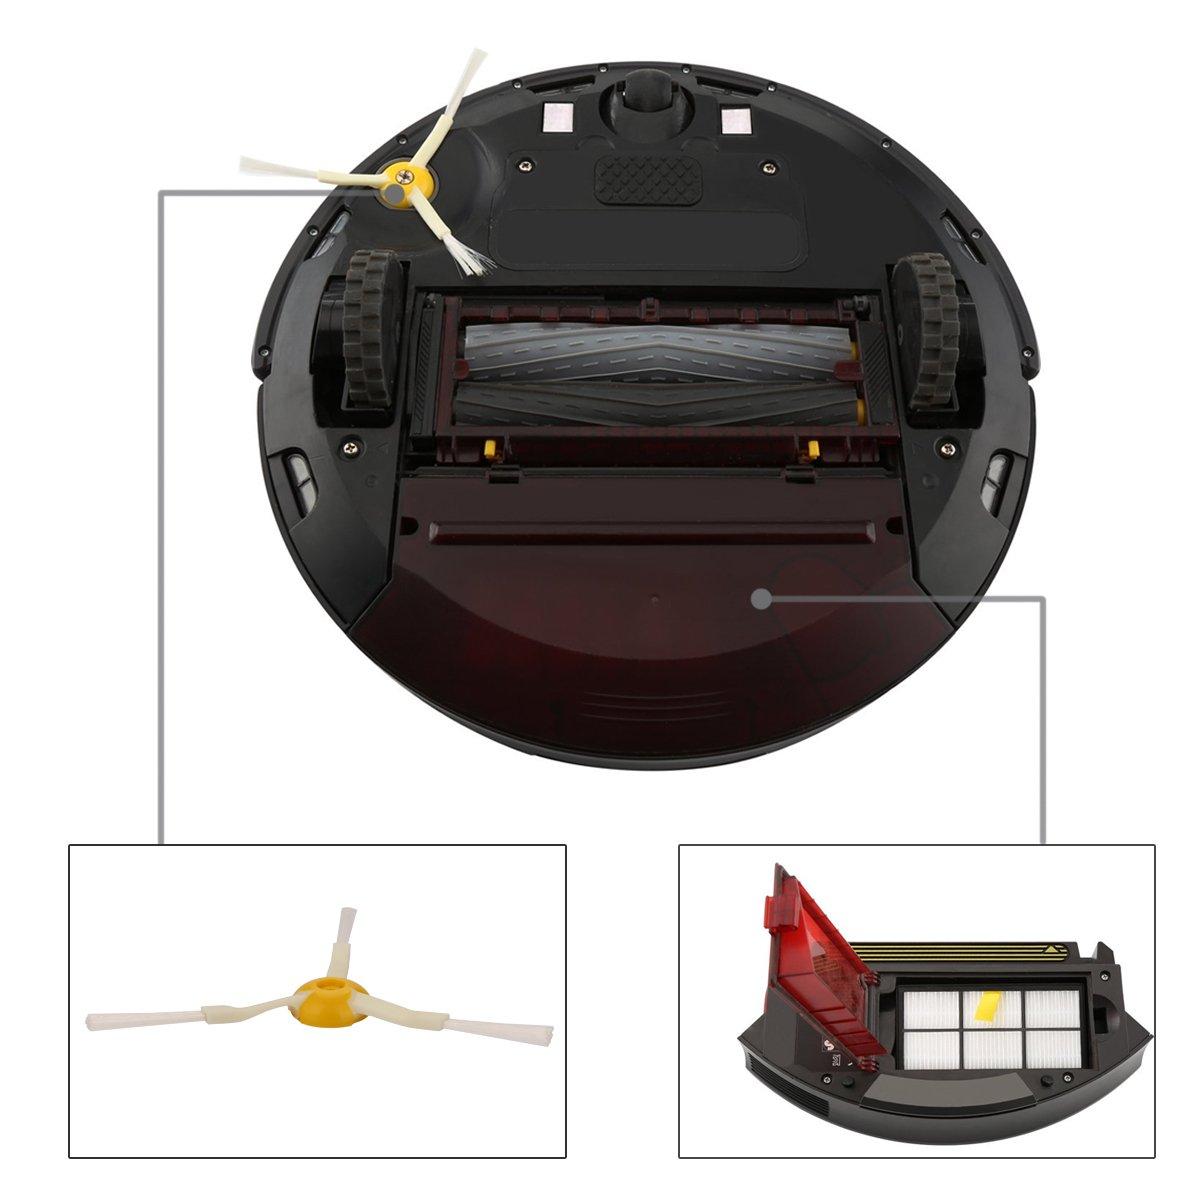 POWER-XWT Replacement Roomba Accesorios para IRobot Roomba 800 805 860 861 870 871 880 885 890 900 960 980 Recambio de Filter: Amazon.es: Hogar